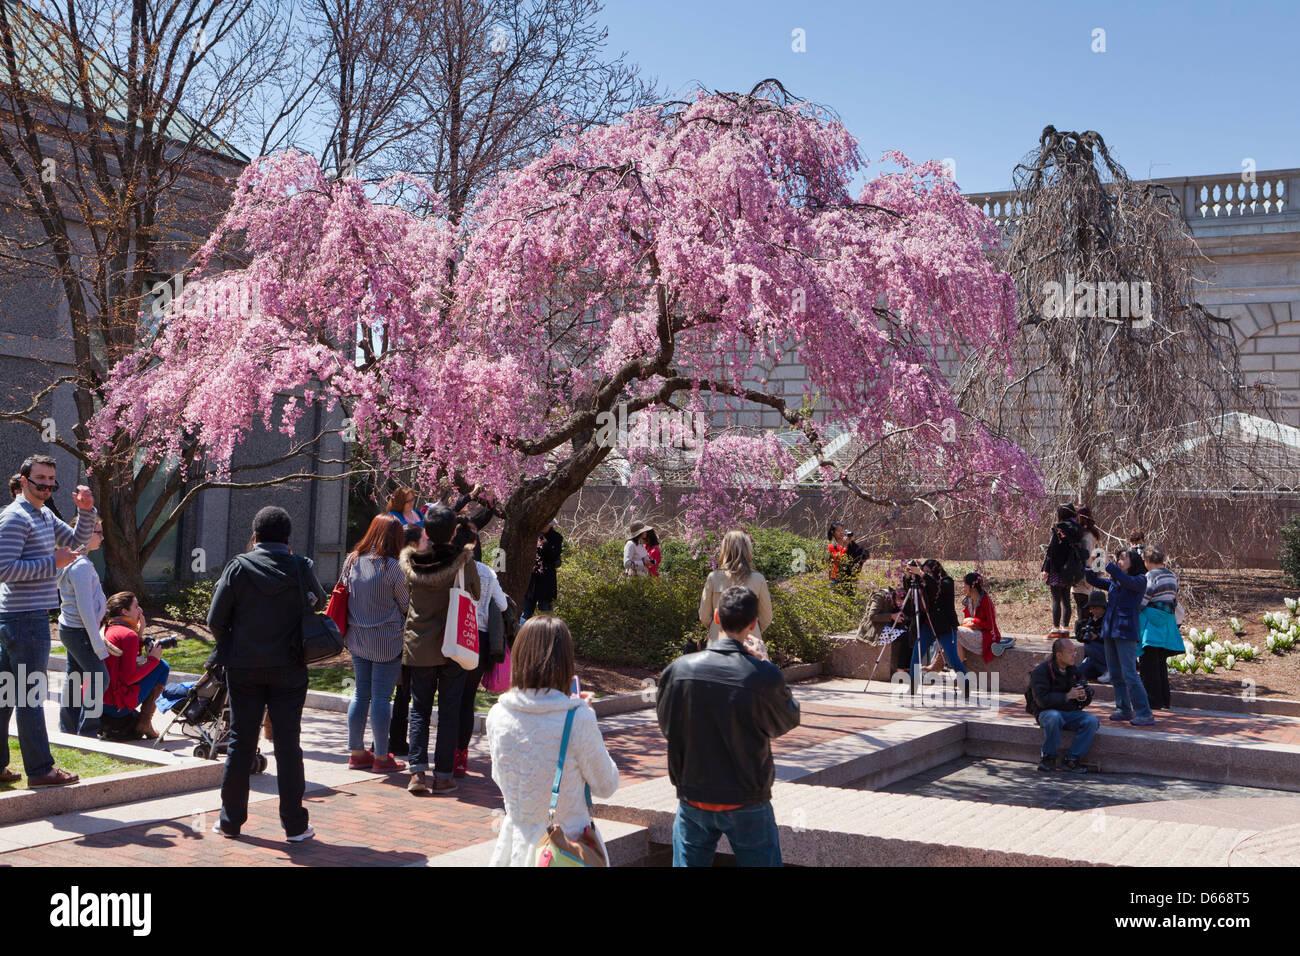 Profitant de la foule Higan pleureur cerisier en fleurs Photo Stock